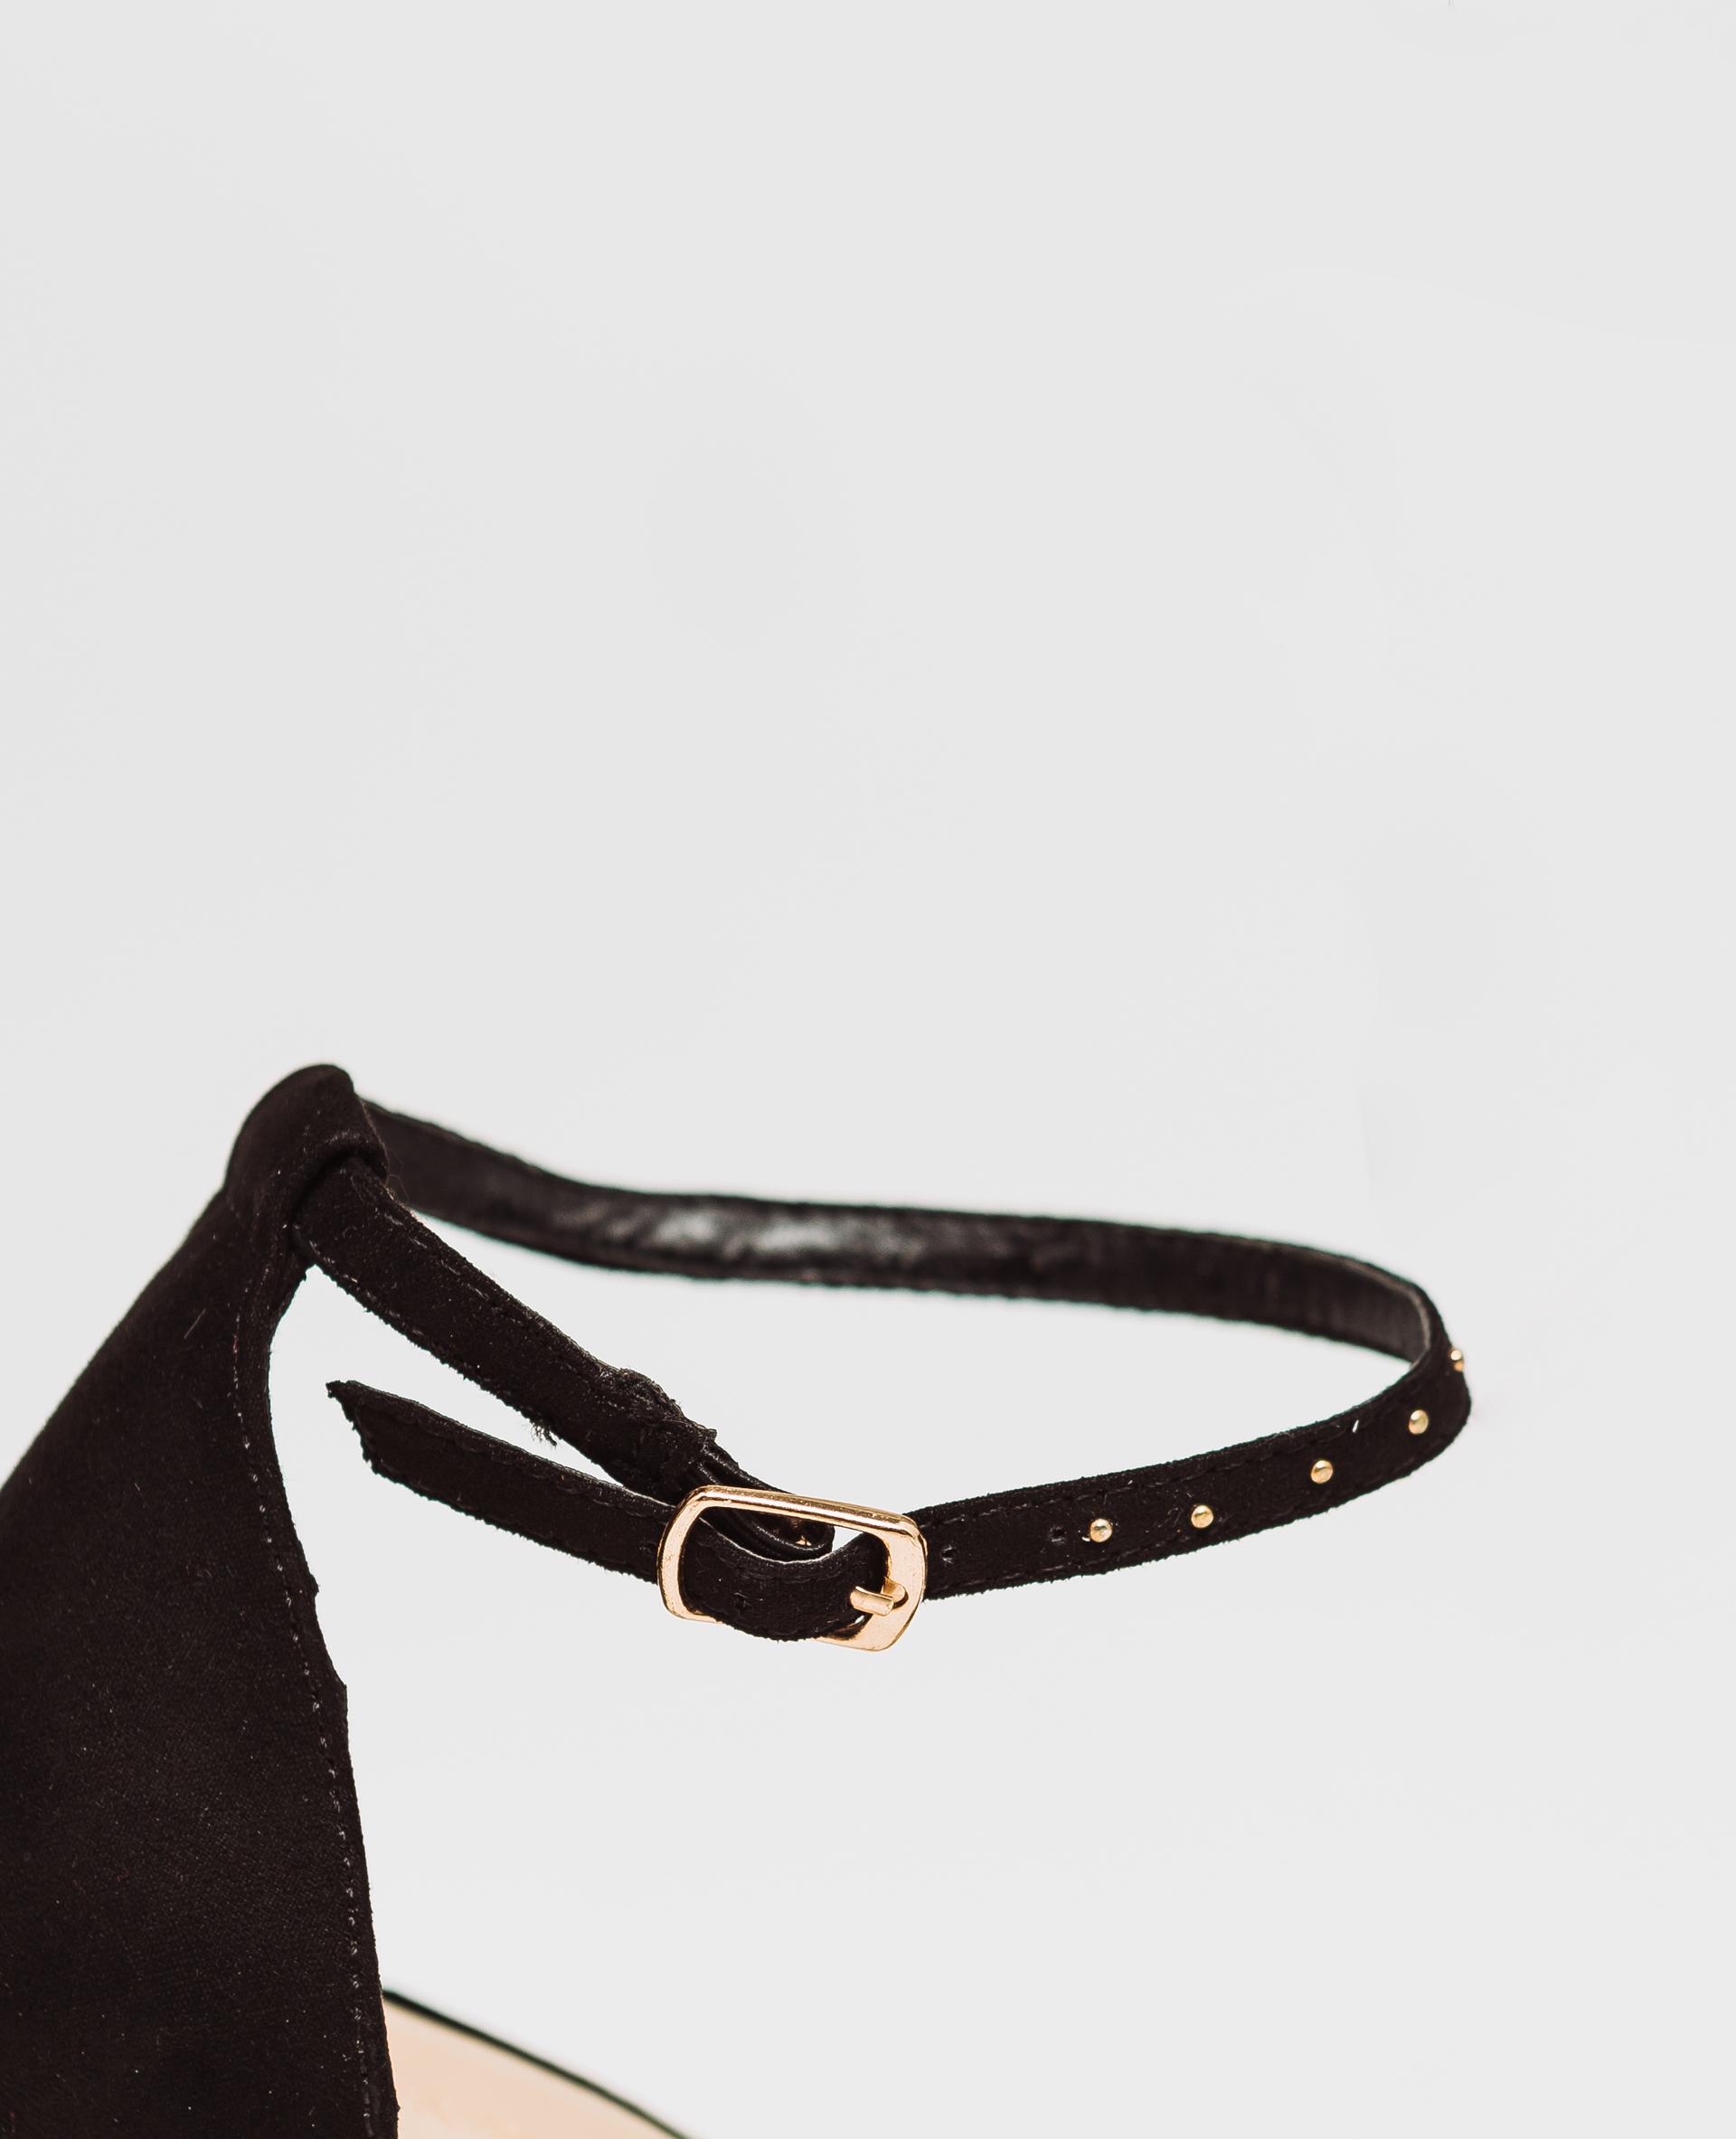 Sandales cloutées noir - Pimkie